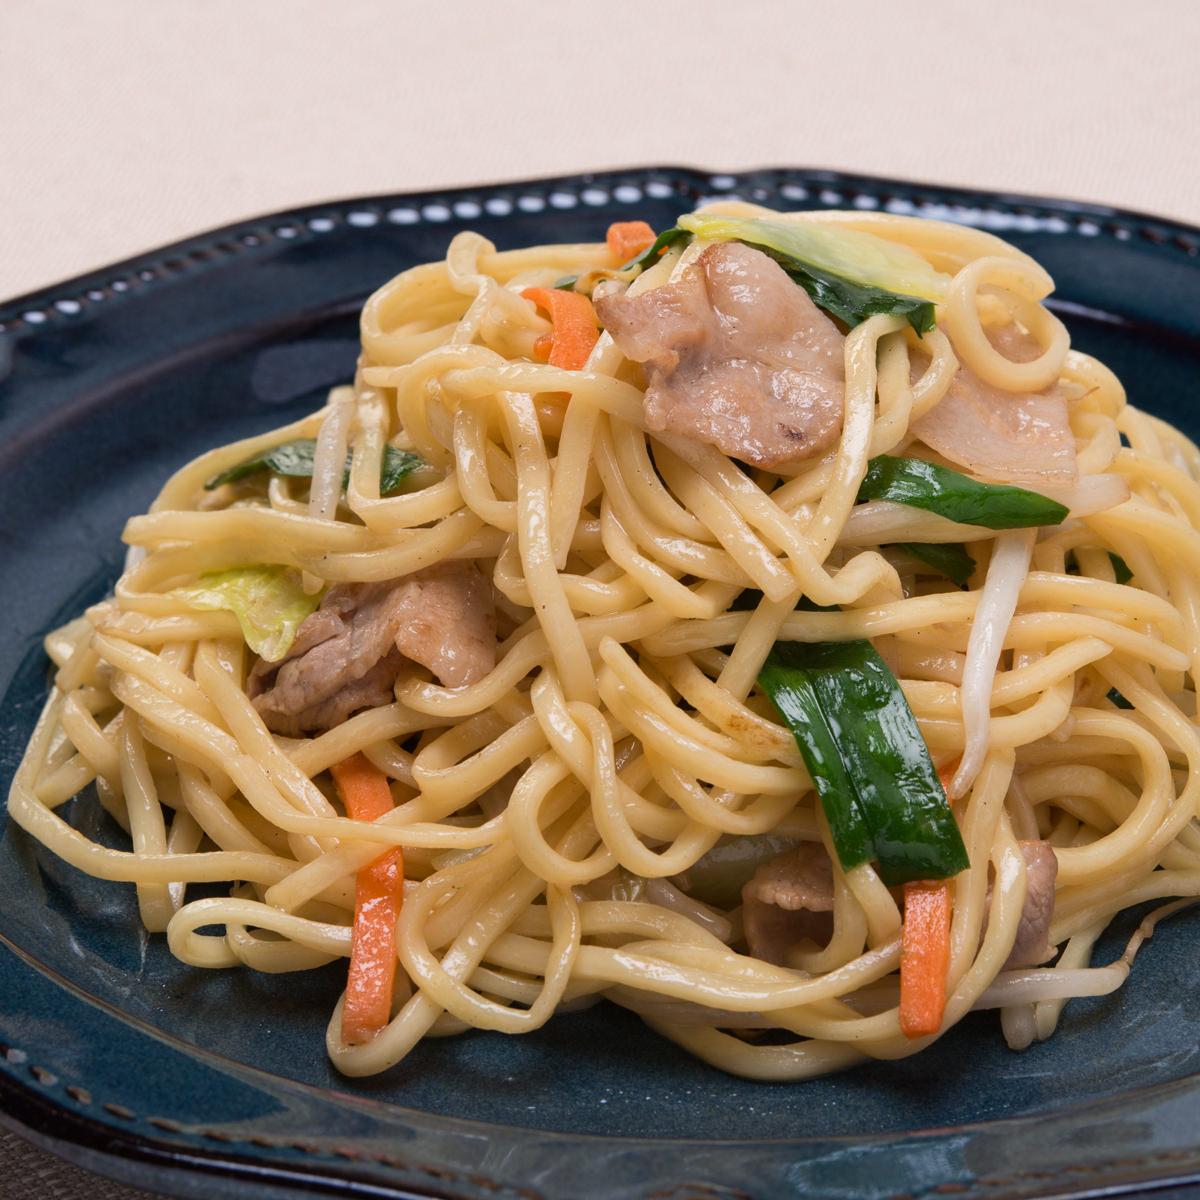 麺が美味しい上海焼きそば 中華味焼きそば 3食 上海〔中華麺100g×3・牡蠣油ソース×3〕